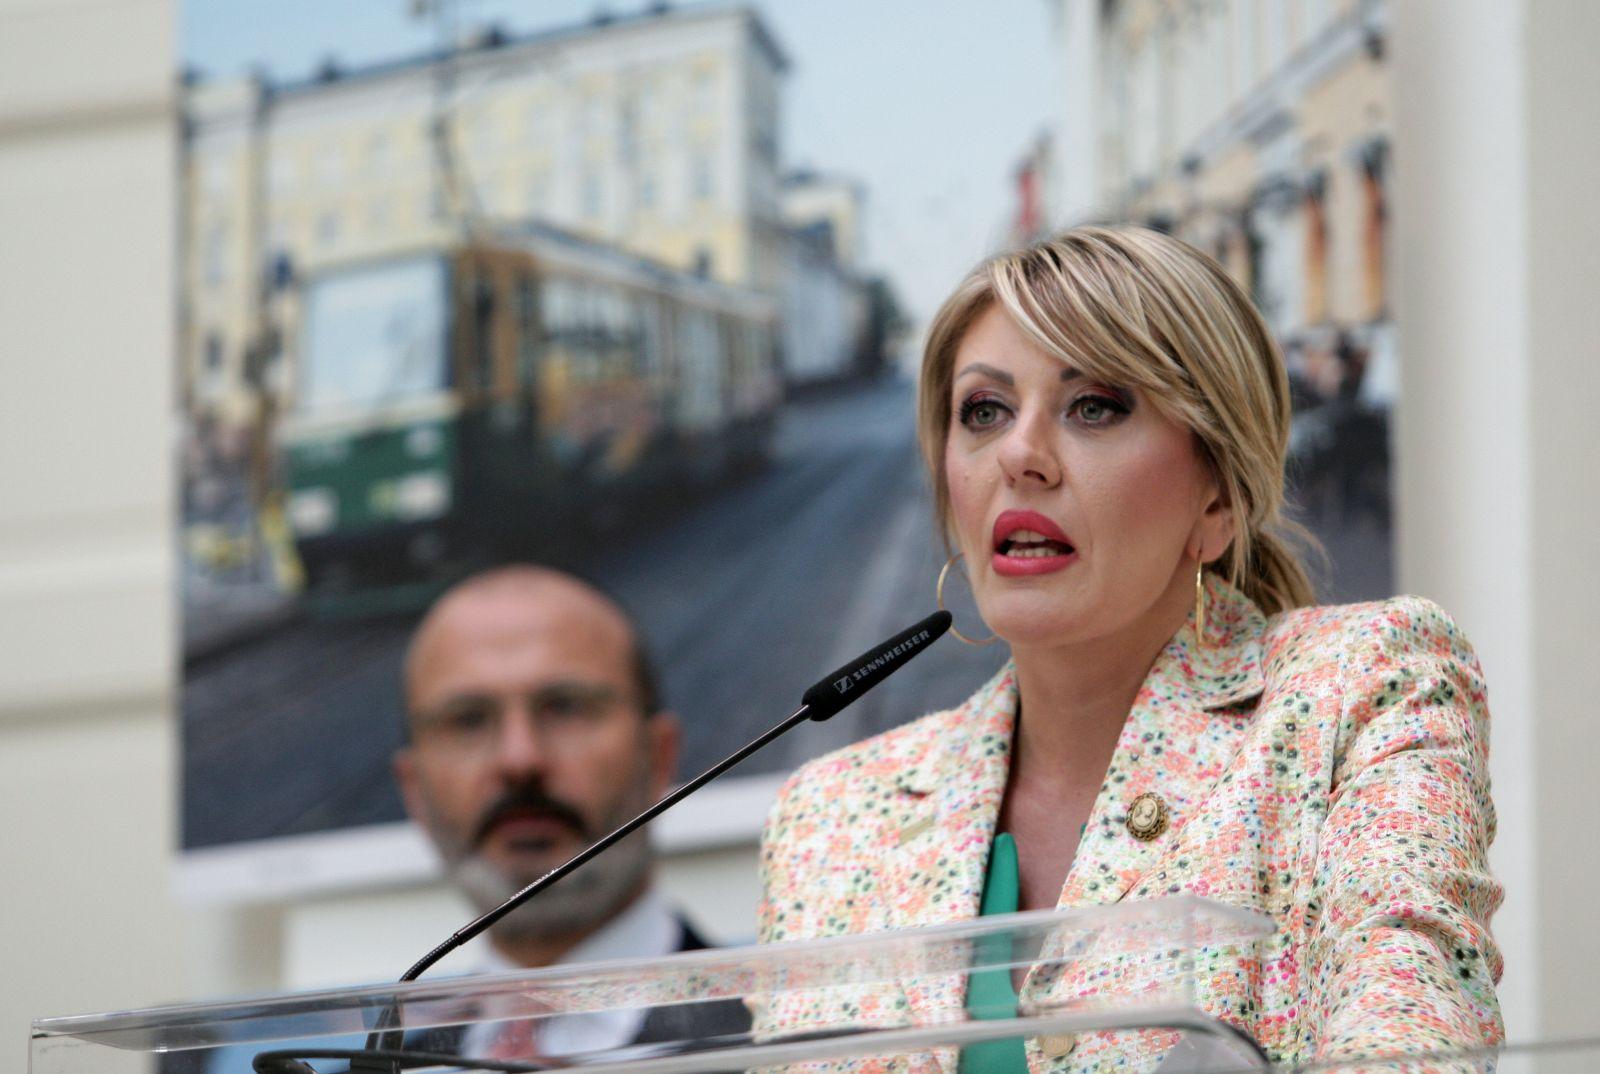 Ј. Јоксимовић: Није промена политике проширења најважнија за реформу ЕУ